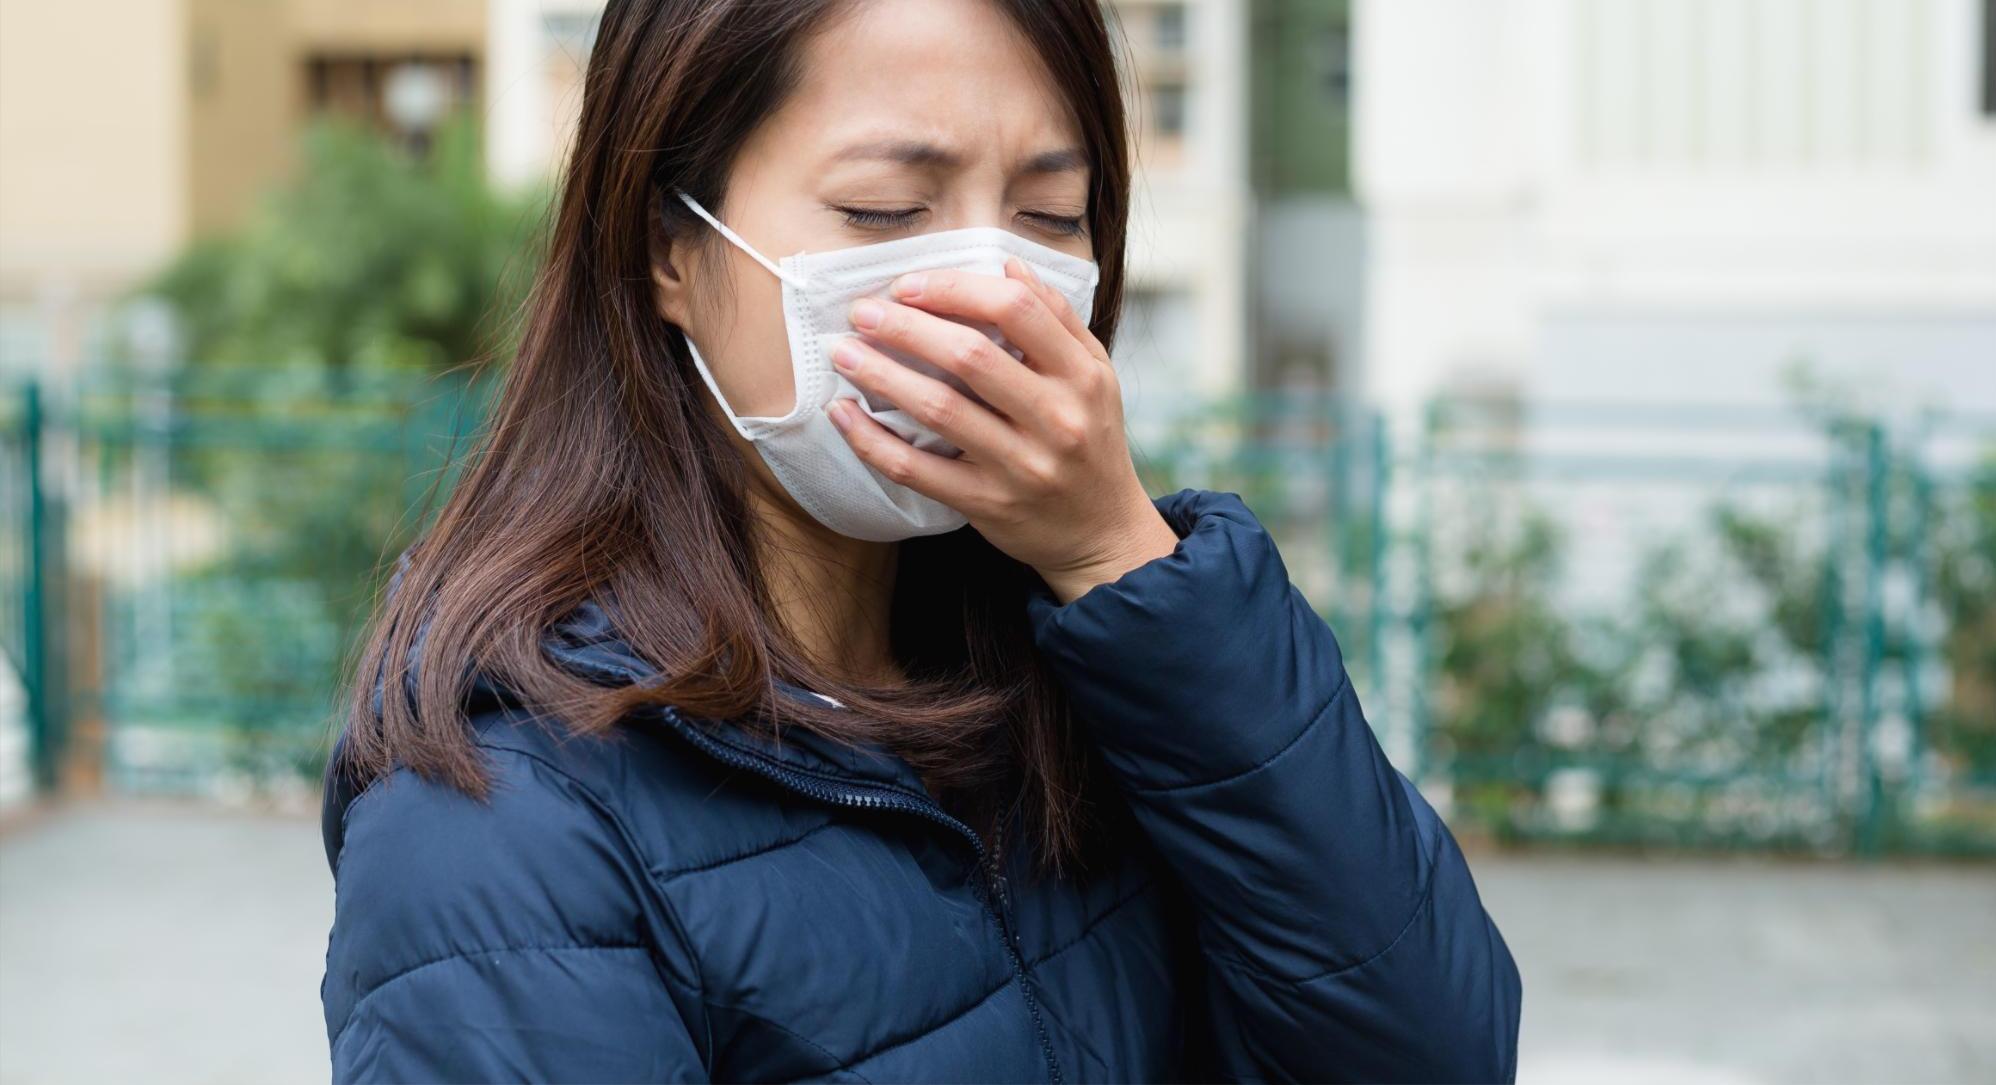 신종 코로나바이러스 증상과 예방 방법은?